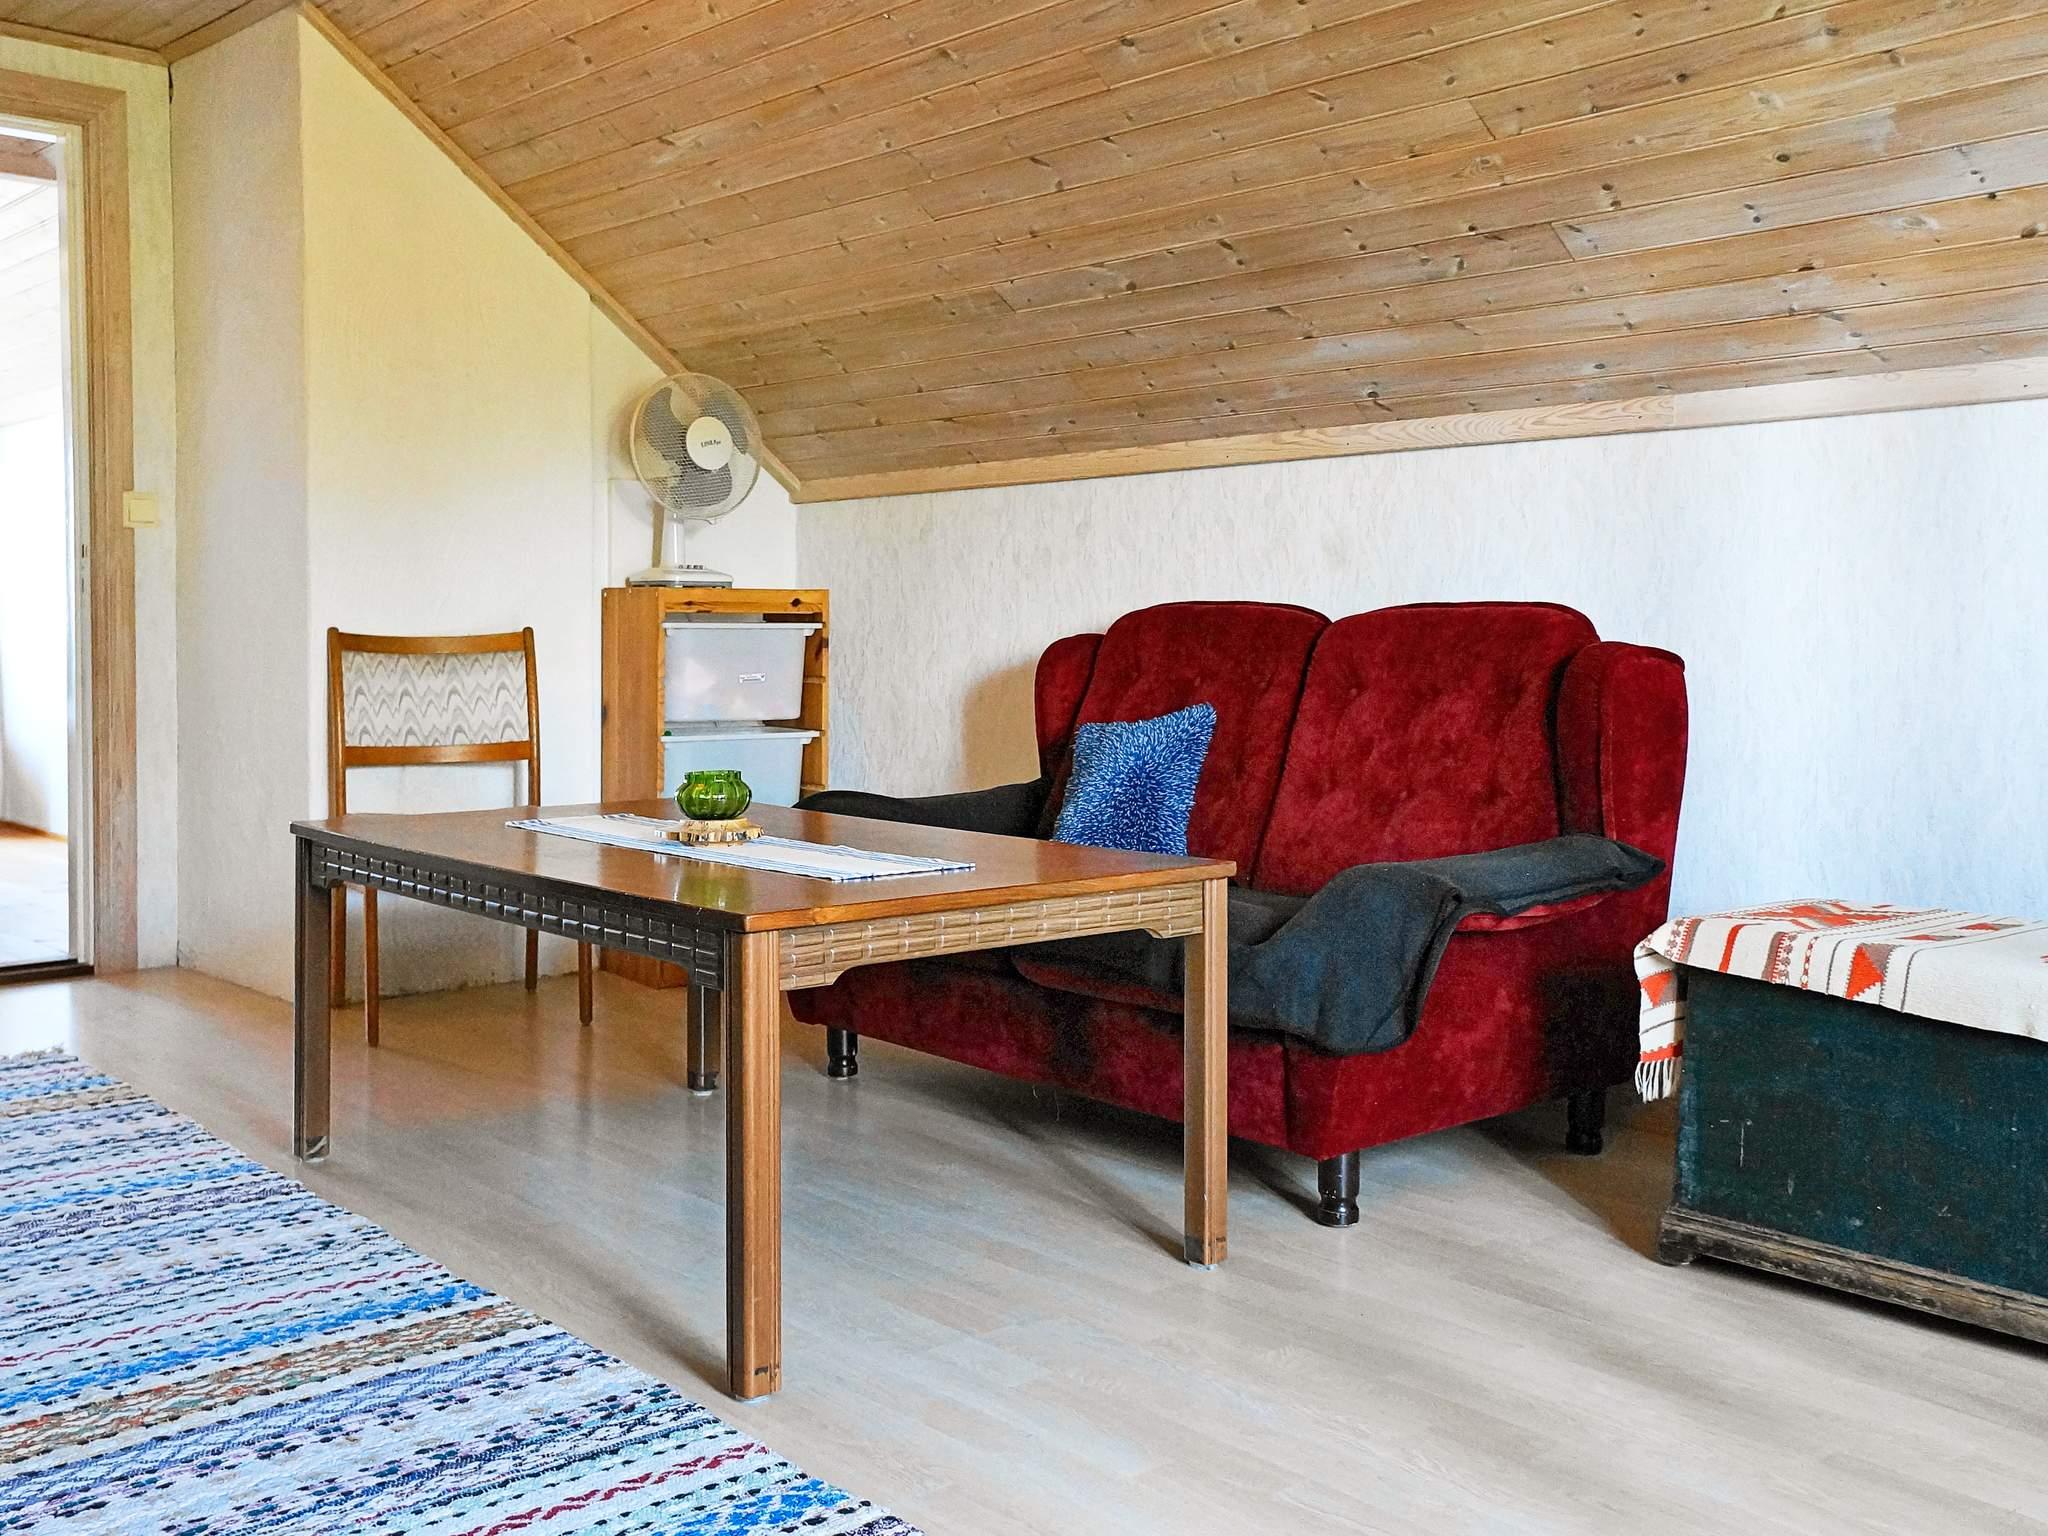 Ferienhaus Tjörn/Klövedal (607202), Klövedal, Tjörn, Westschweden, Schweden, Bild 6